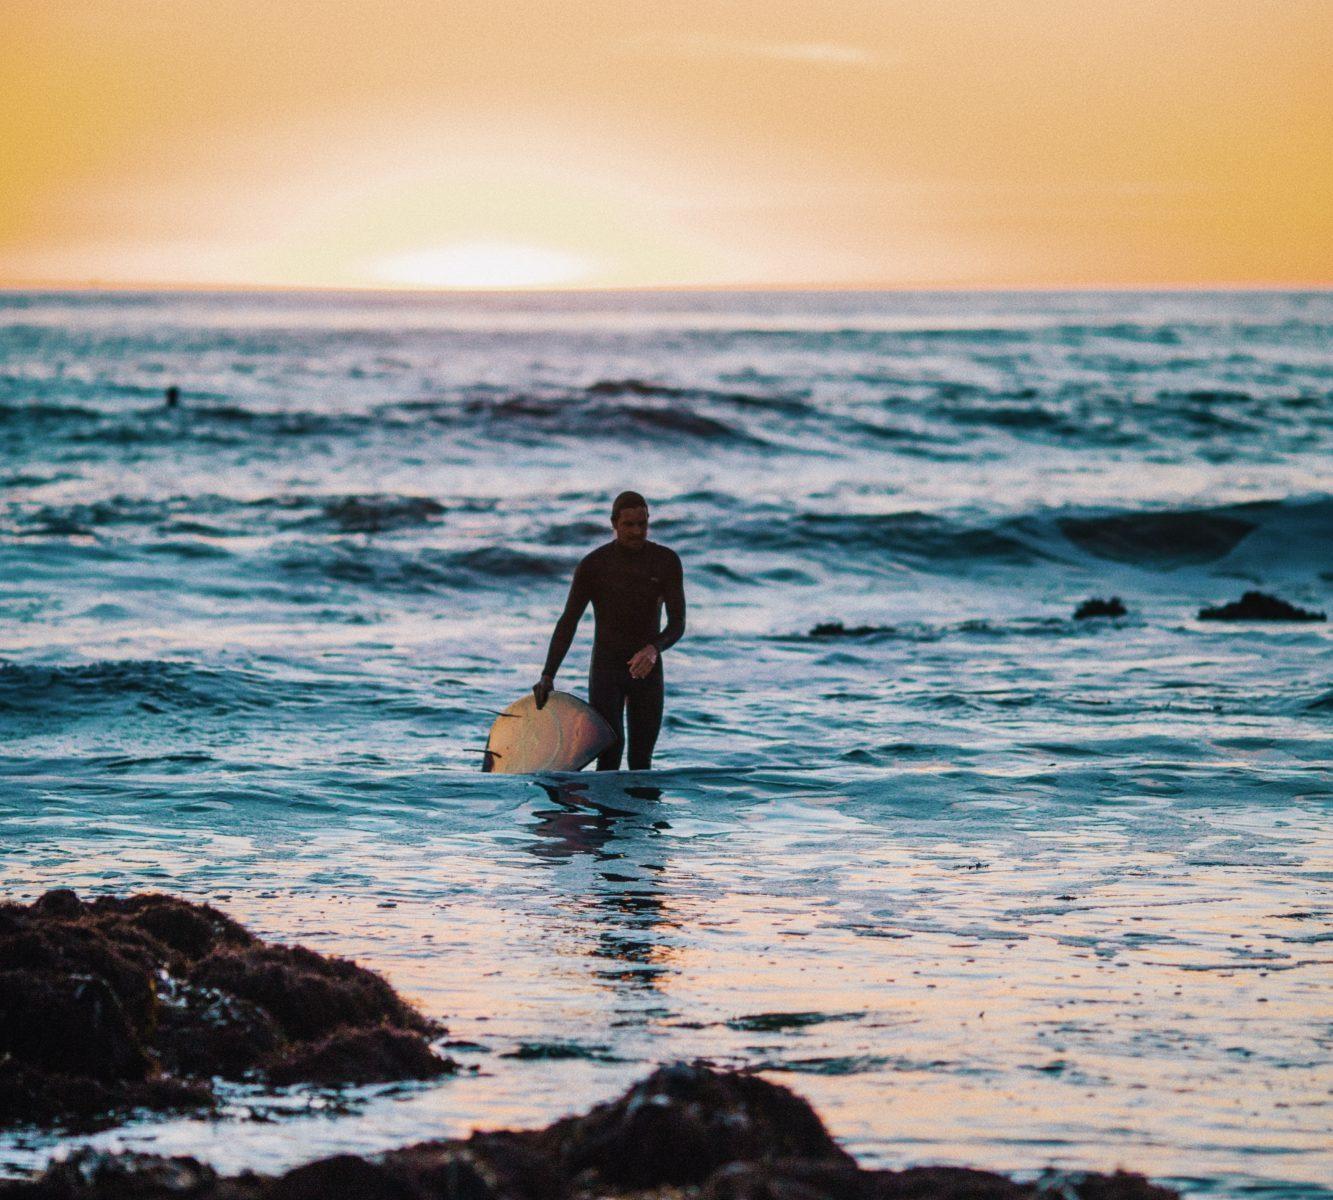 サーフィンする男